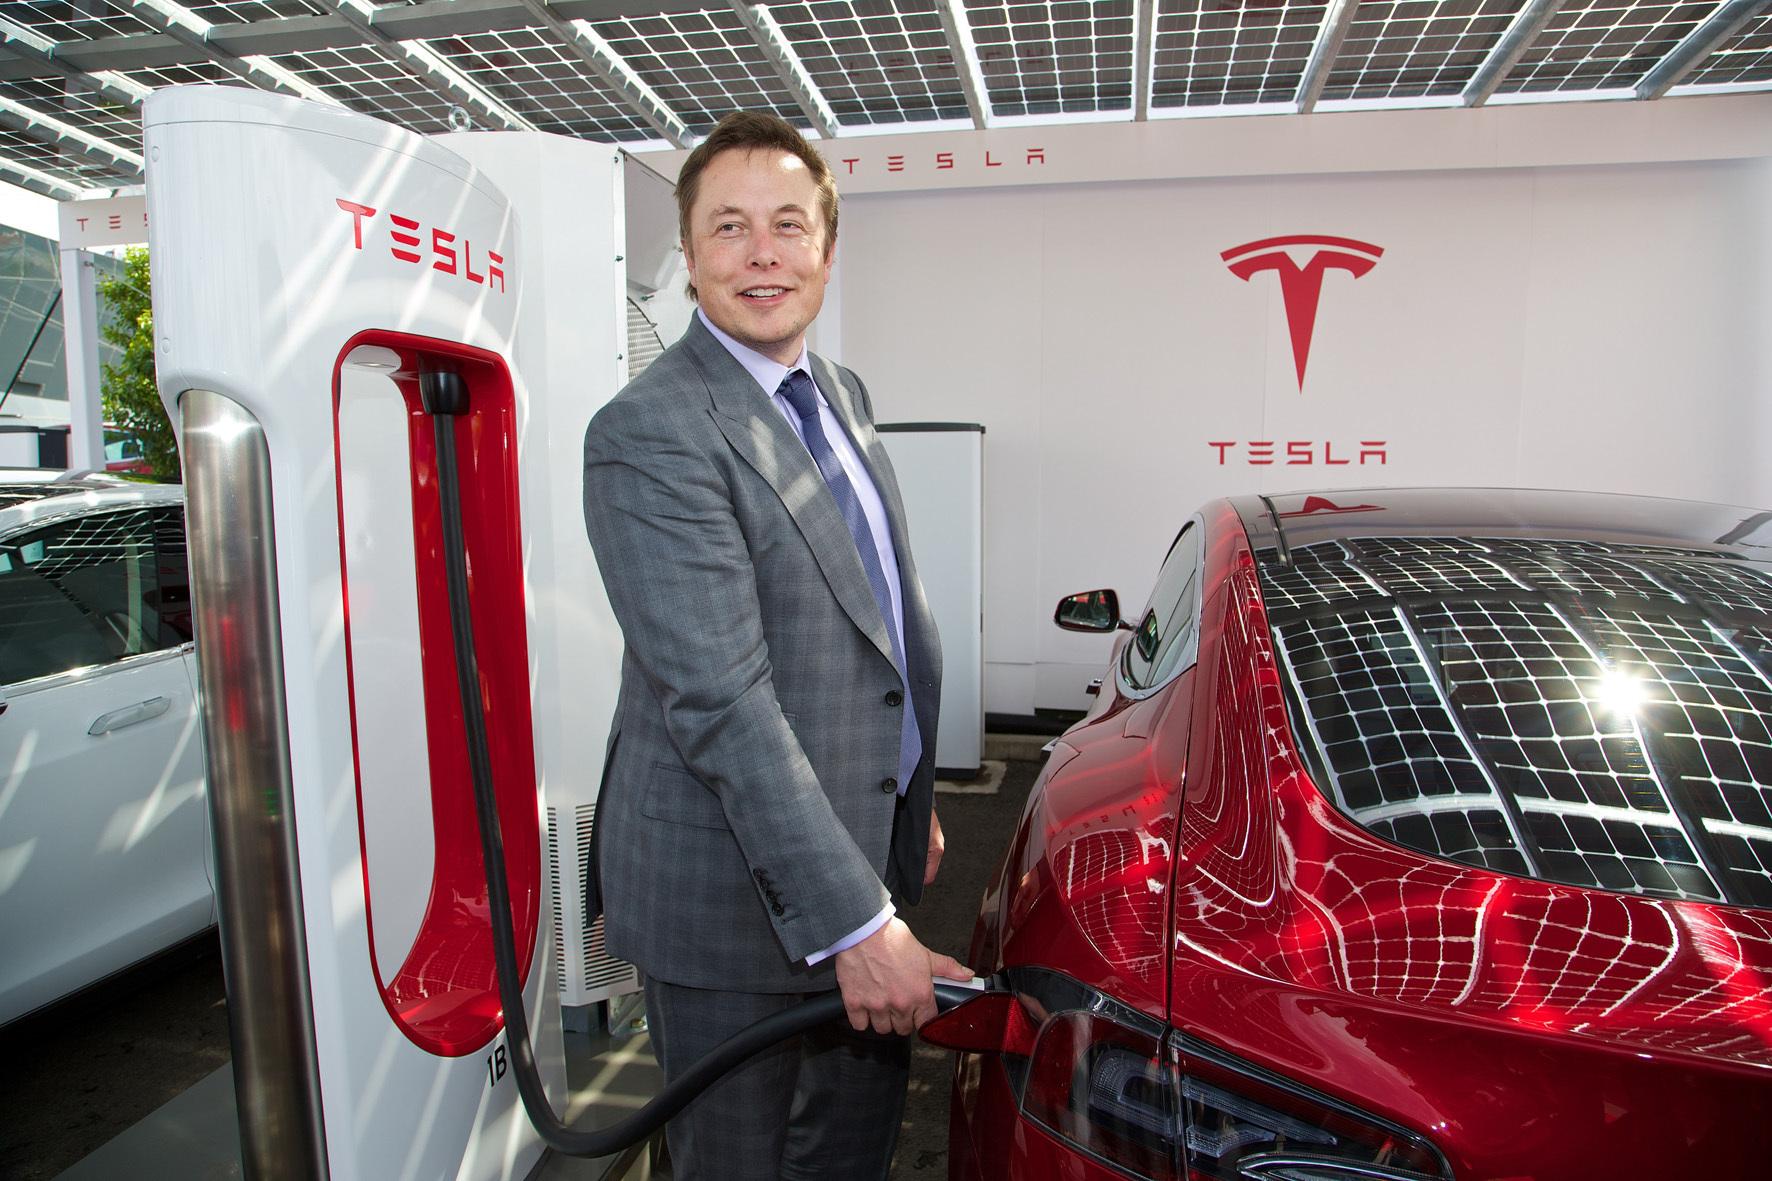 mid Düsseldorf - Hier tankt der Chef noch selbst: Tesla-CEO Elon Musk bei einer öffentlichkeitswirksamen Demonstration an einem Supercharger.